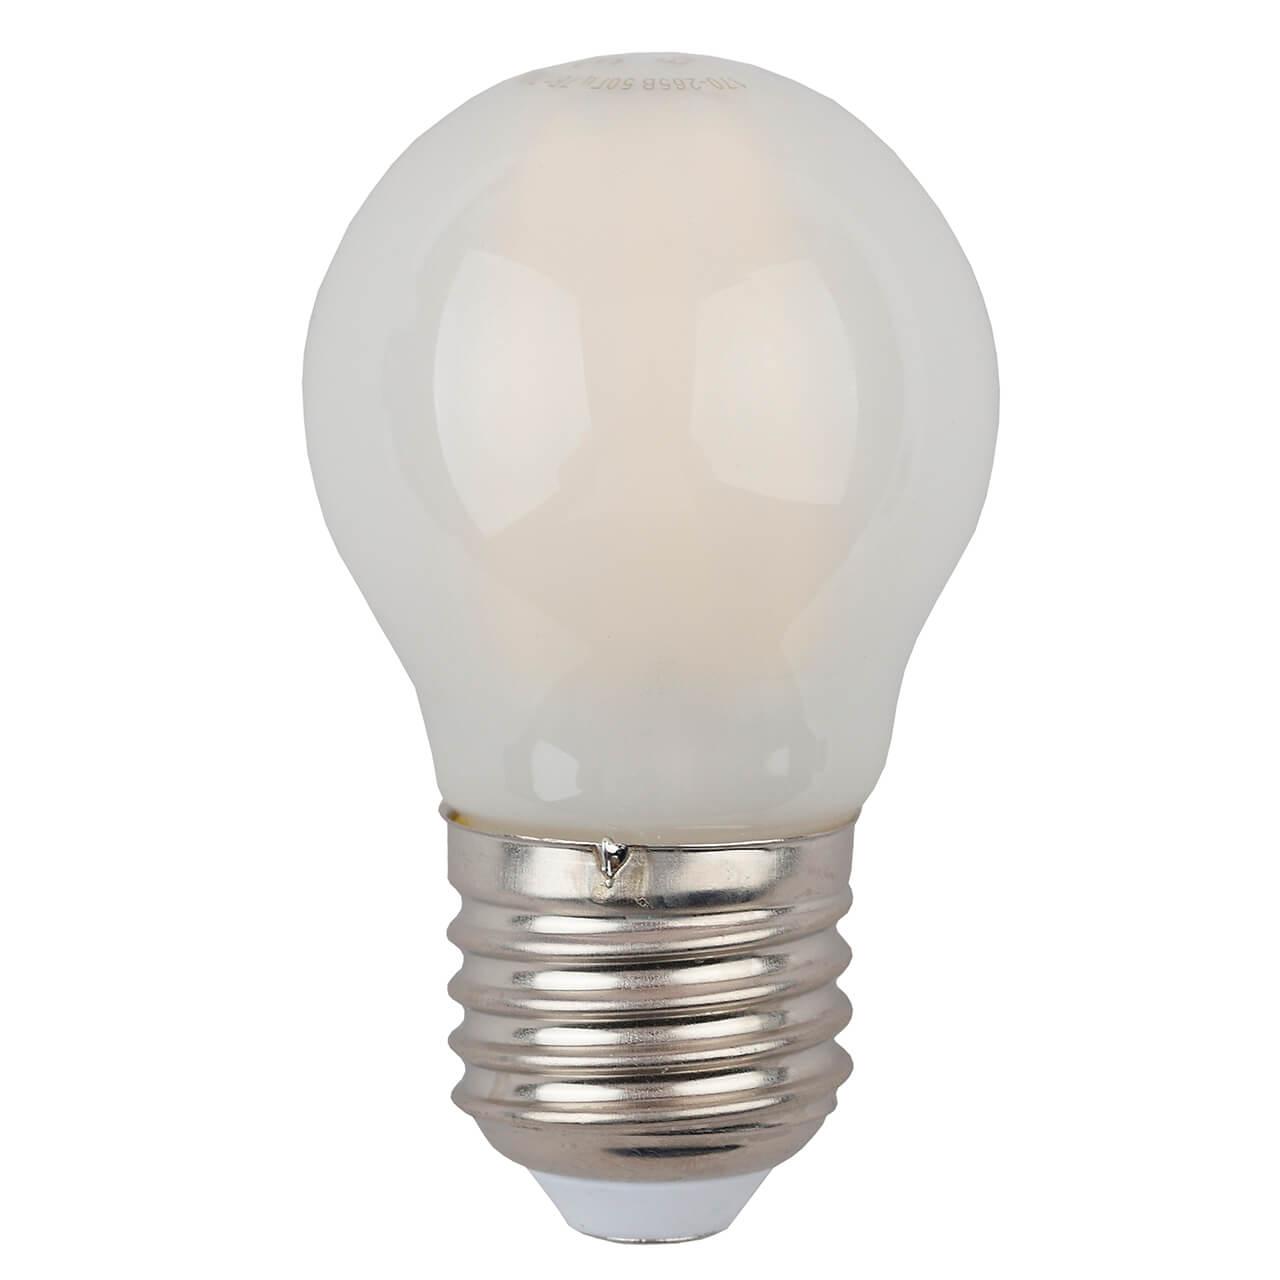 Лампочка ЭРА F-LED P45-9w-827-E27 frost F-LED P45 лампа светодиодная led p45 9w 827 e27